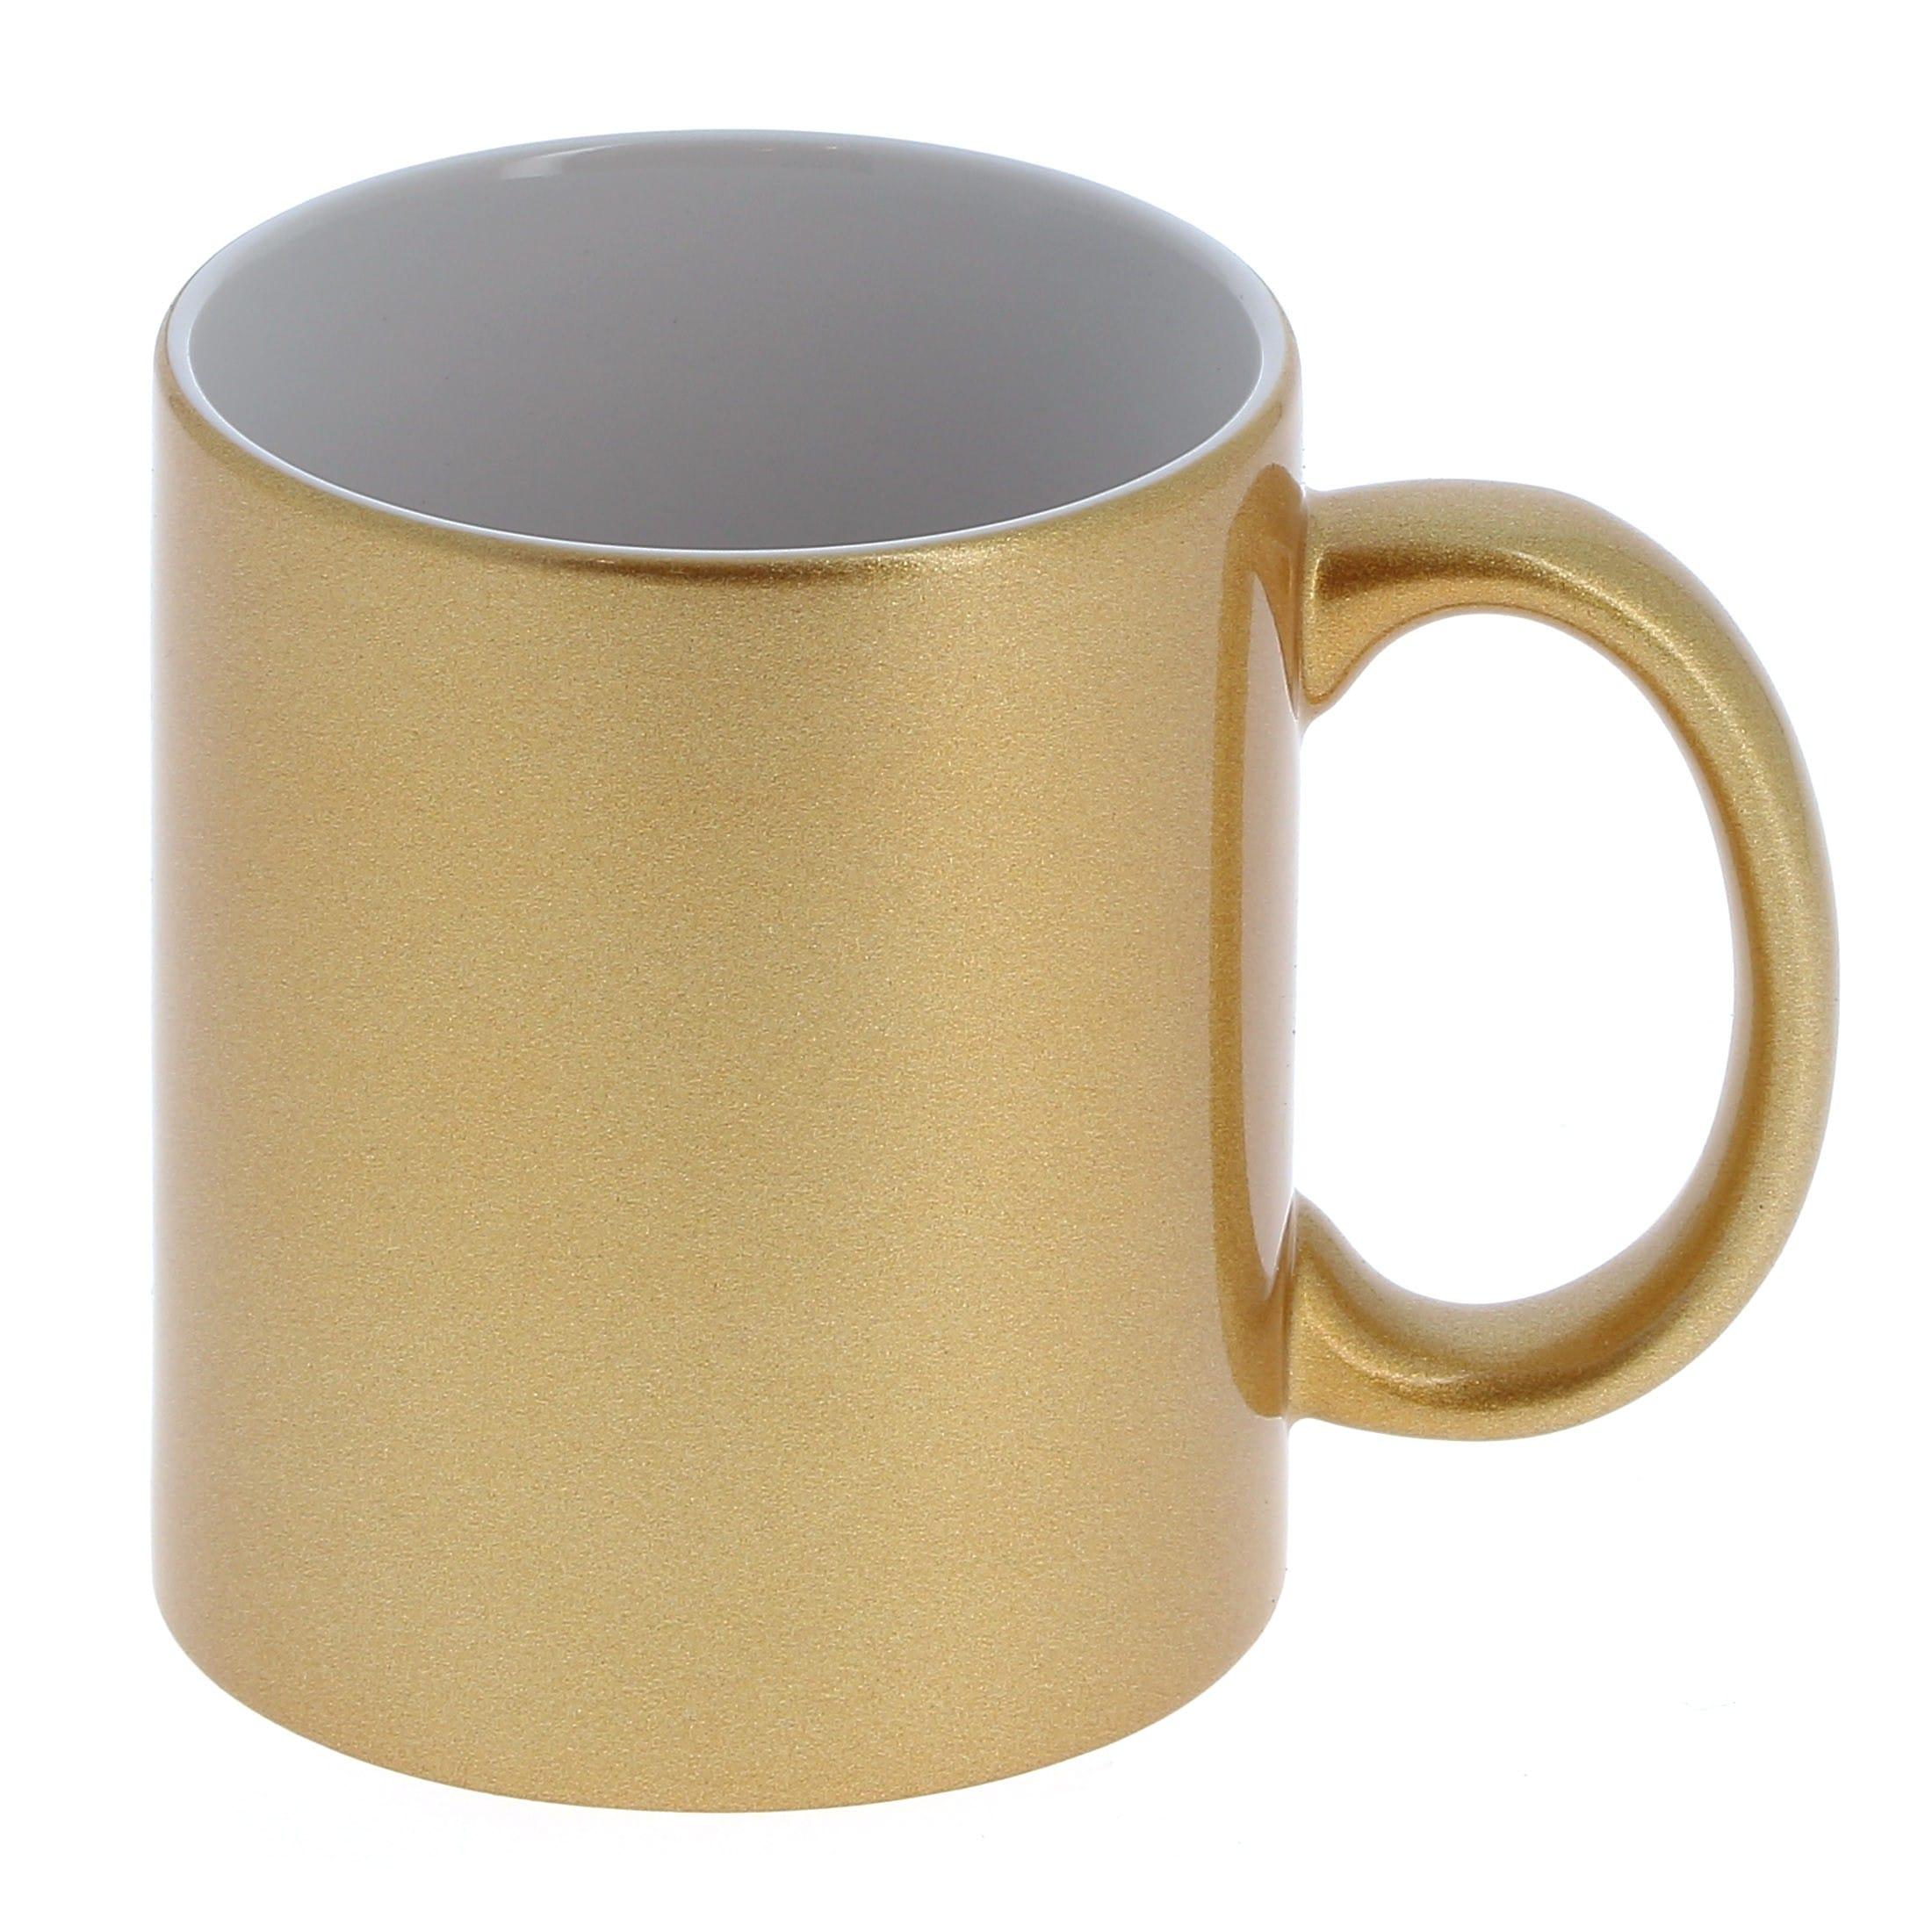 Mug céramique 330ml (11oz) Or et intérieur blanc - Qualité AAA - Diamètre 82mm